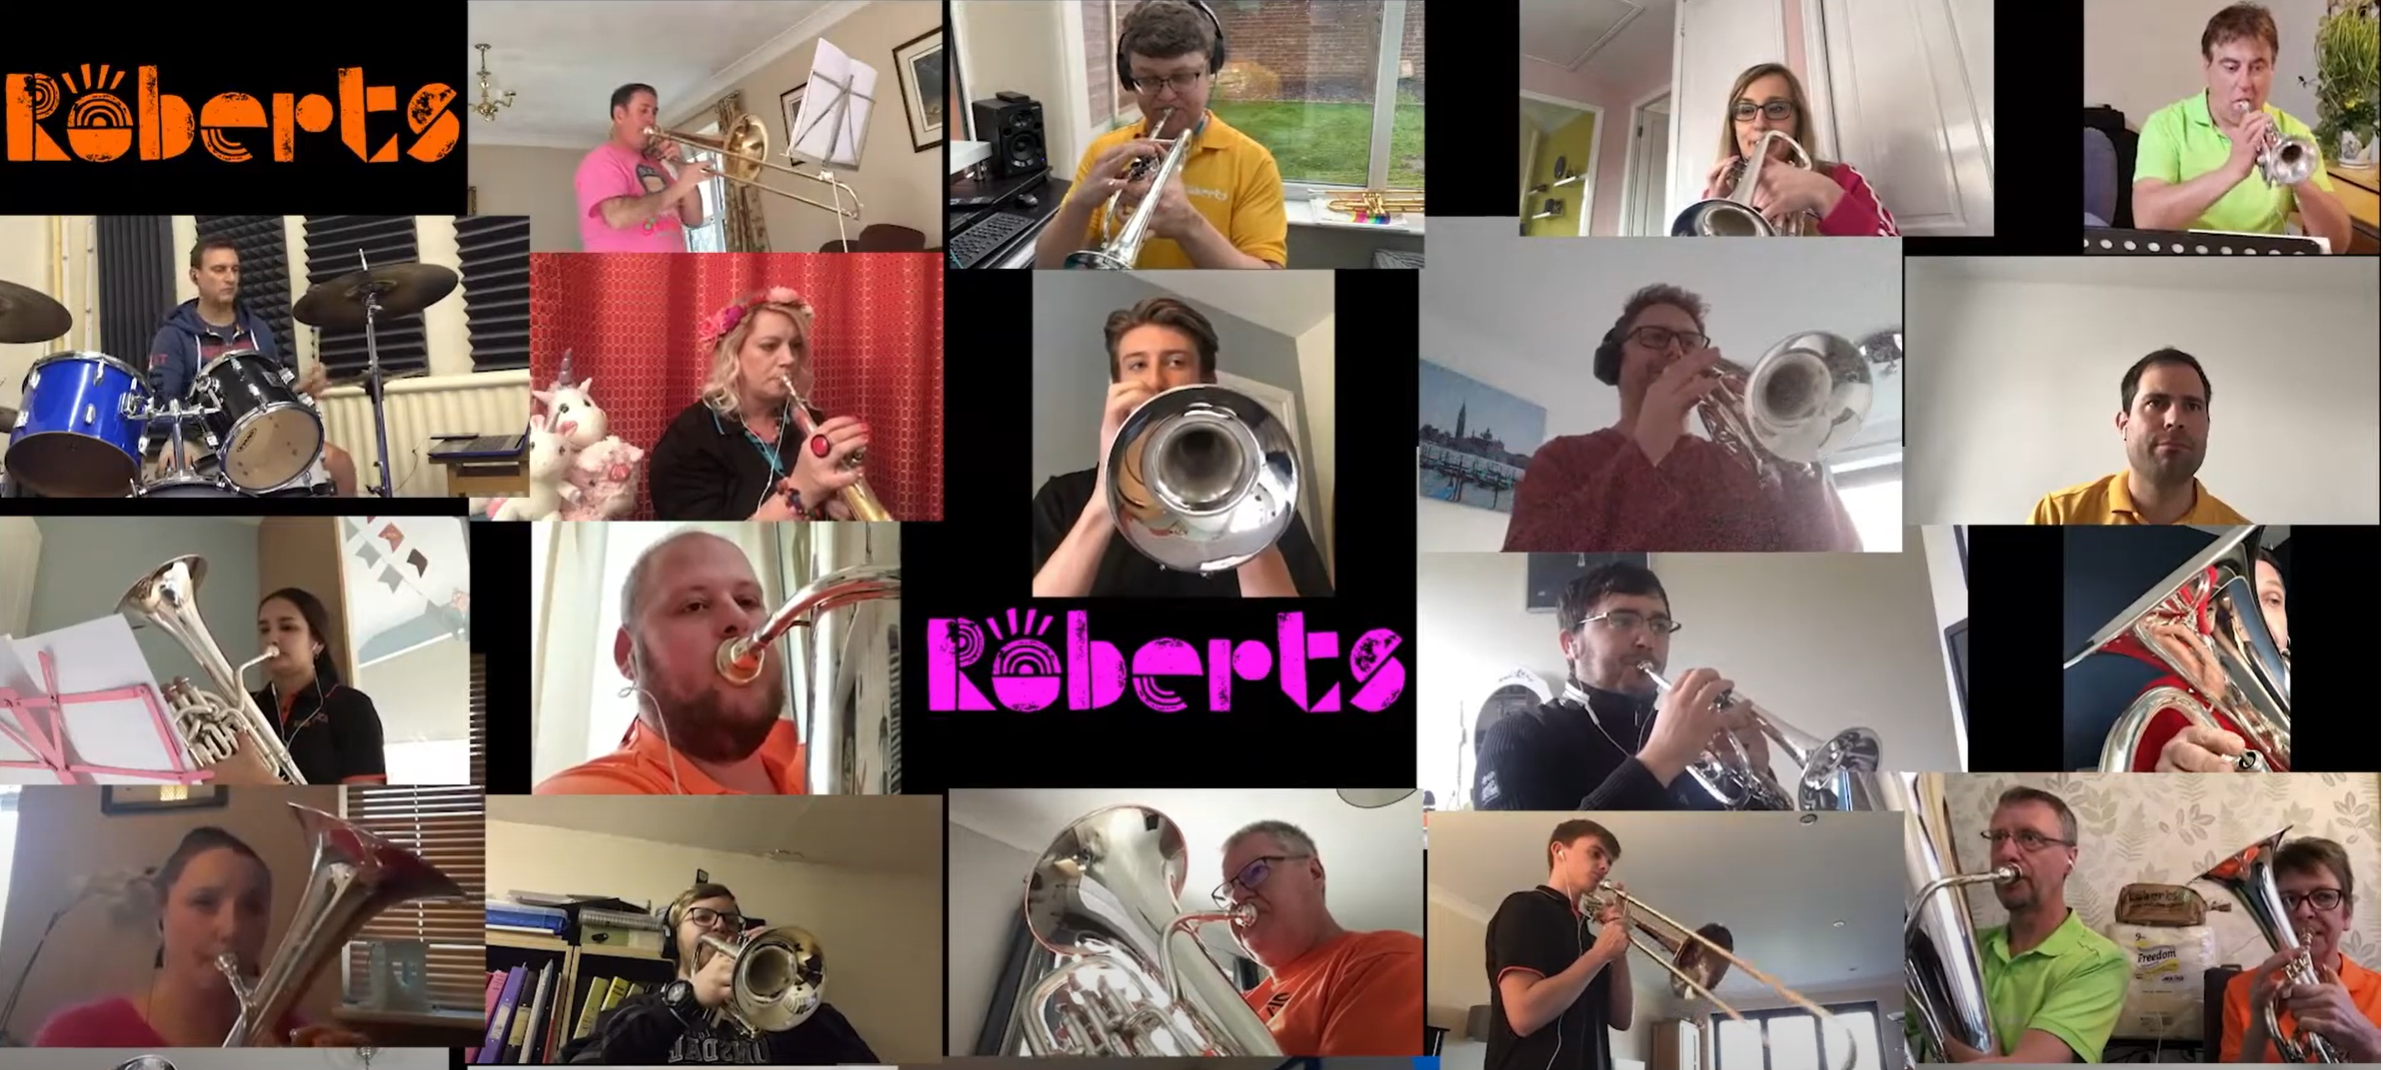 Roberts Bakery Band